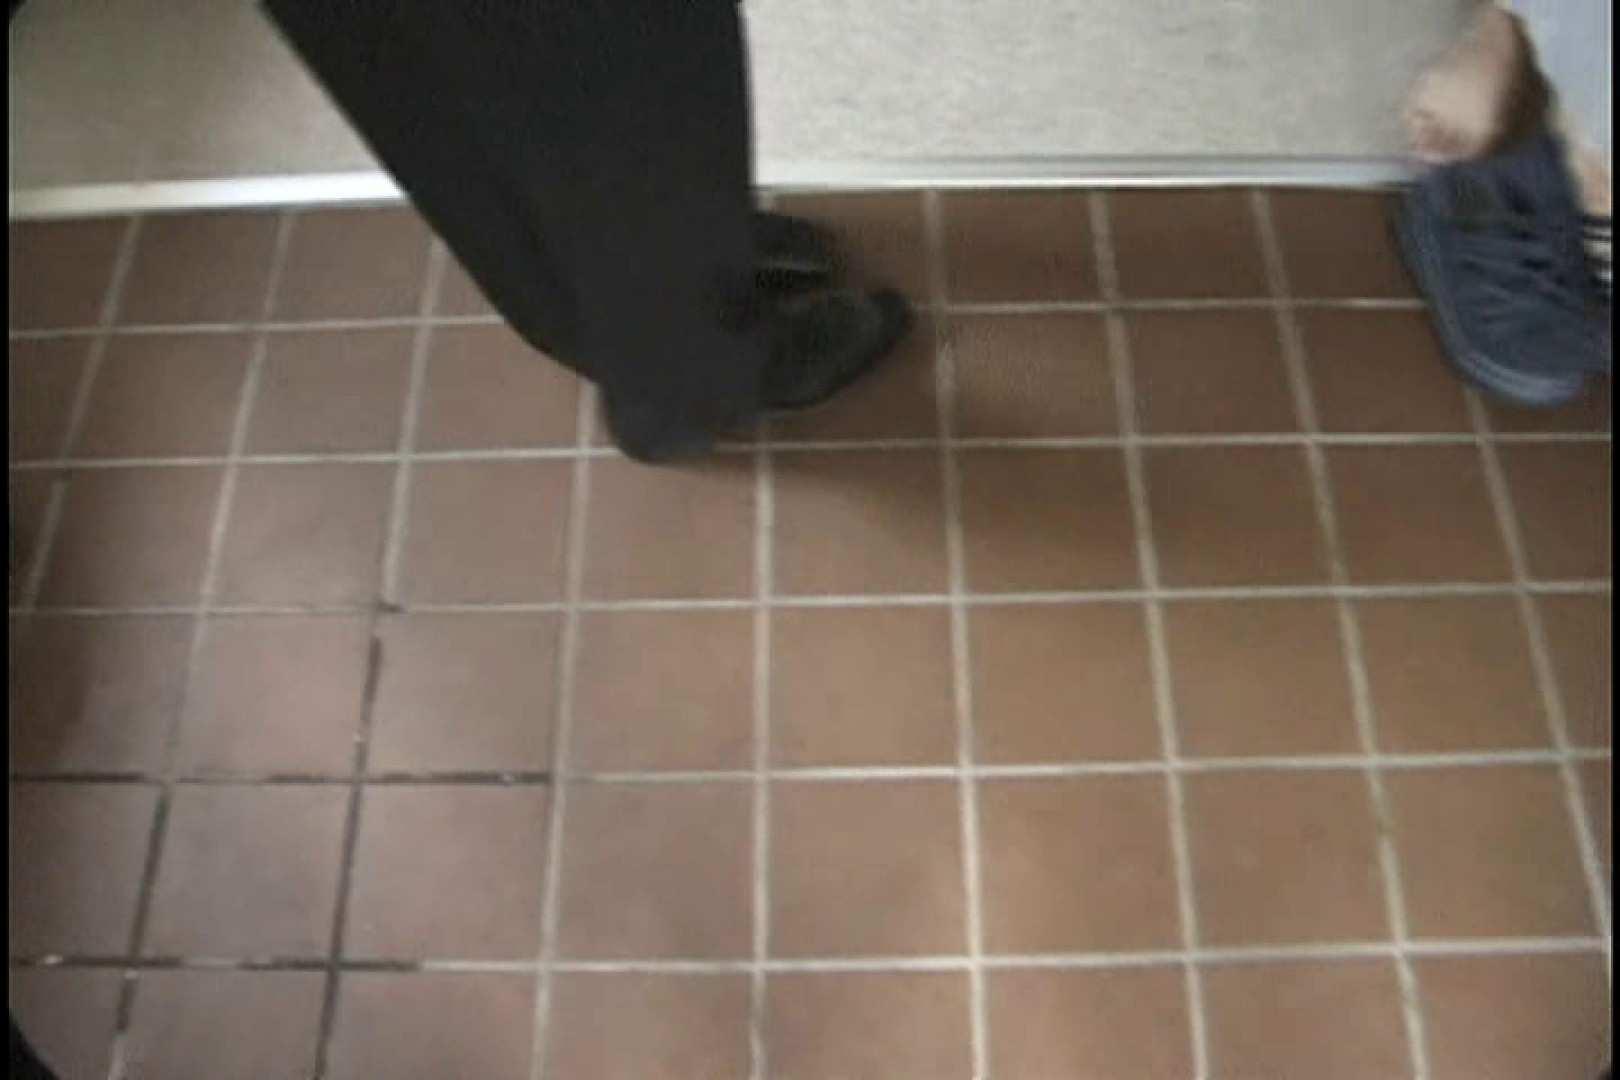 昼間の奥様は欲求不満 ~安田弘美~ SEXプレイ   おっぱい娘  73連発 10